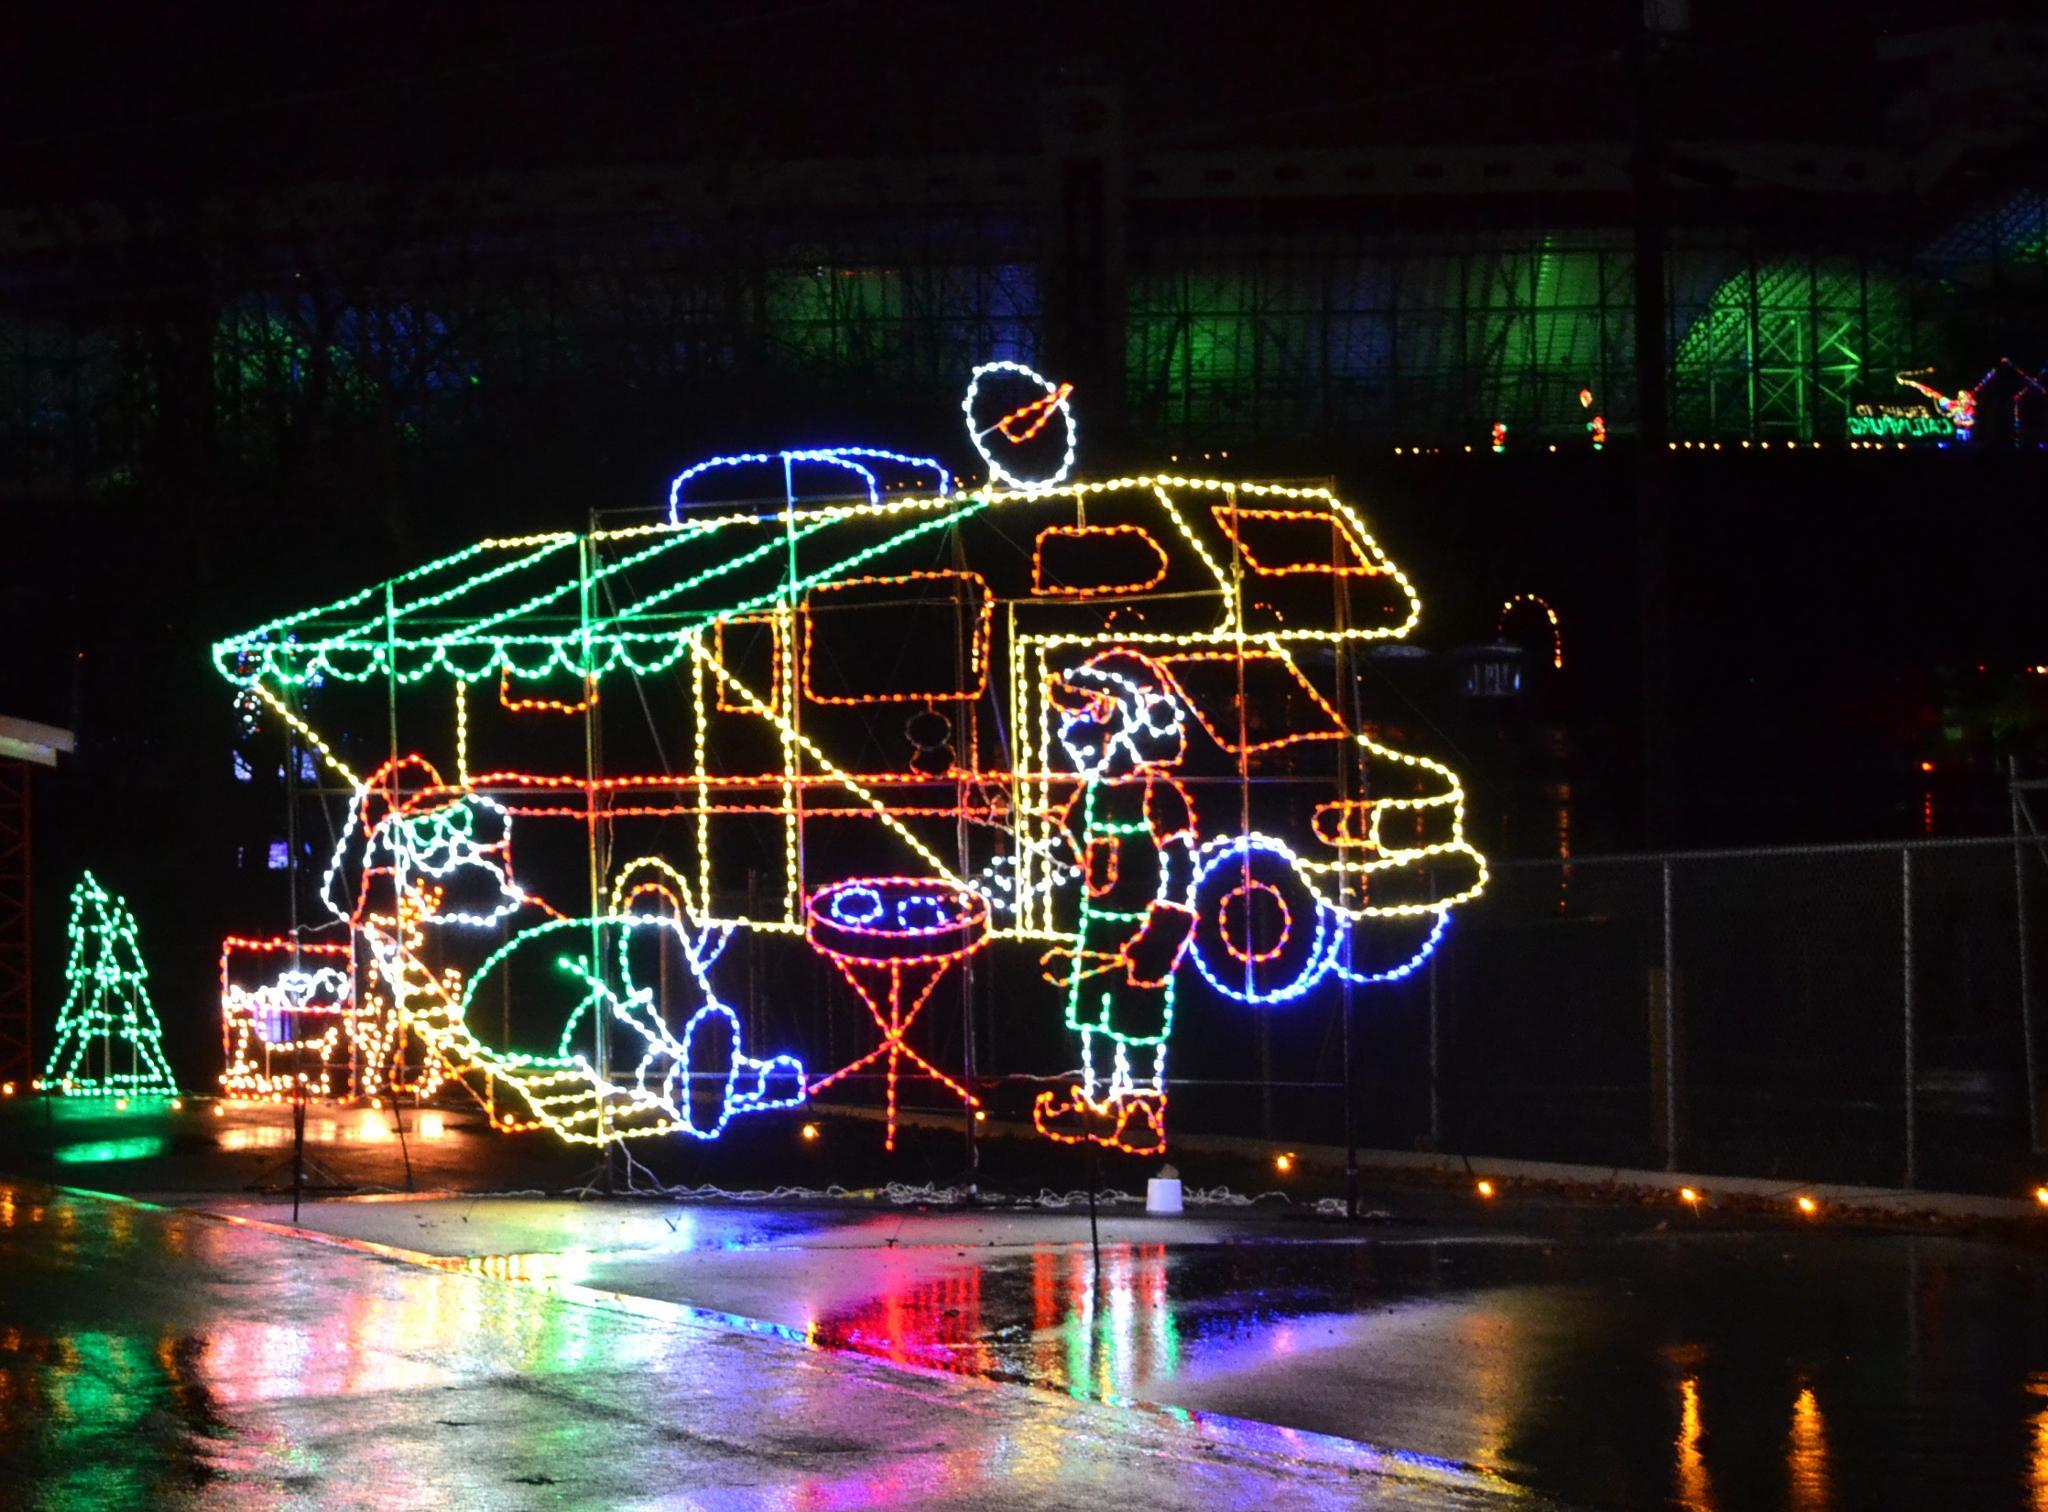 RV in Lights by lindandarrell